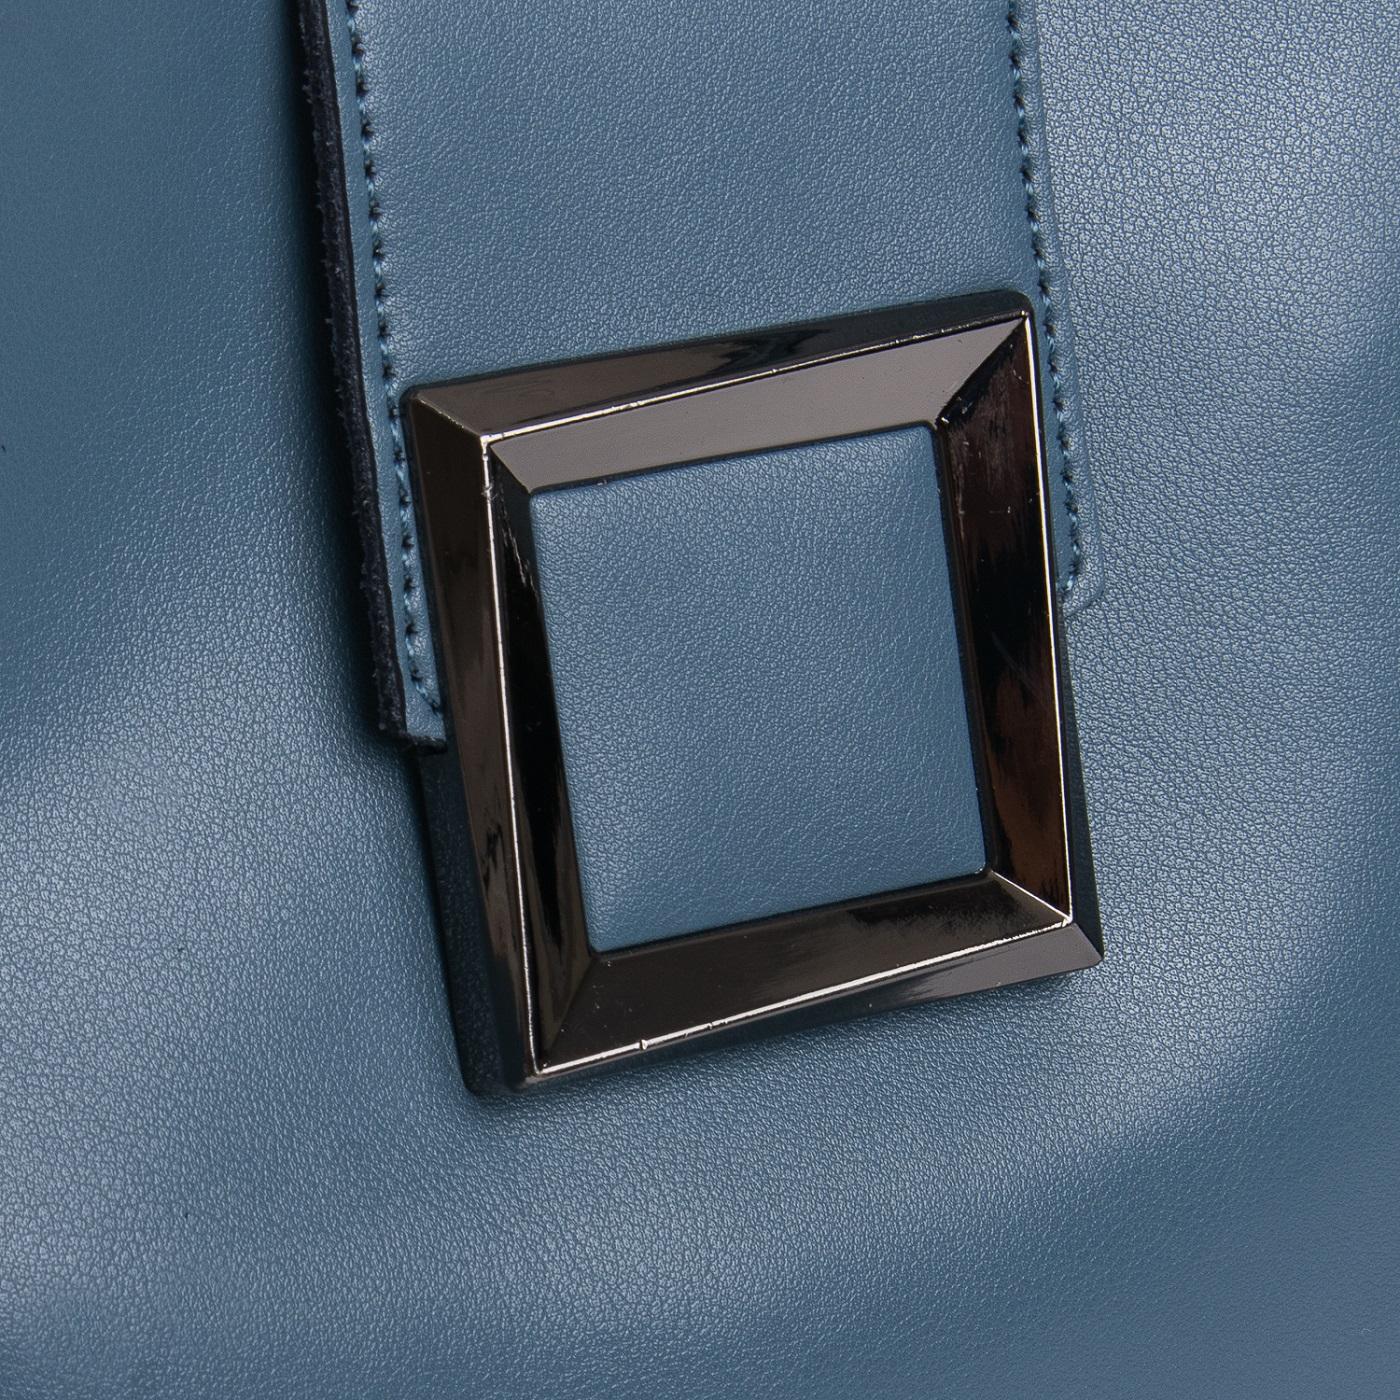 Сумка Женская Классическая кожа ALEX RAI 010-1 9924-206 blue - фото 3